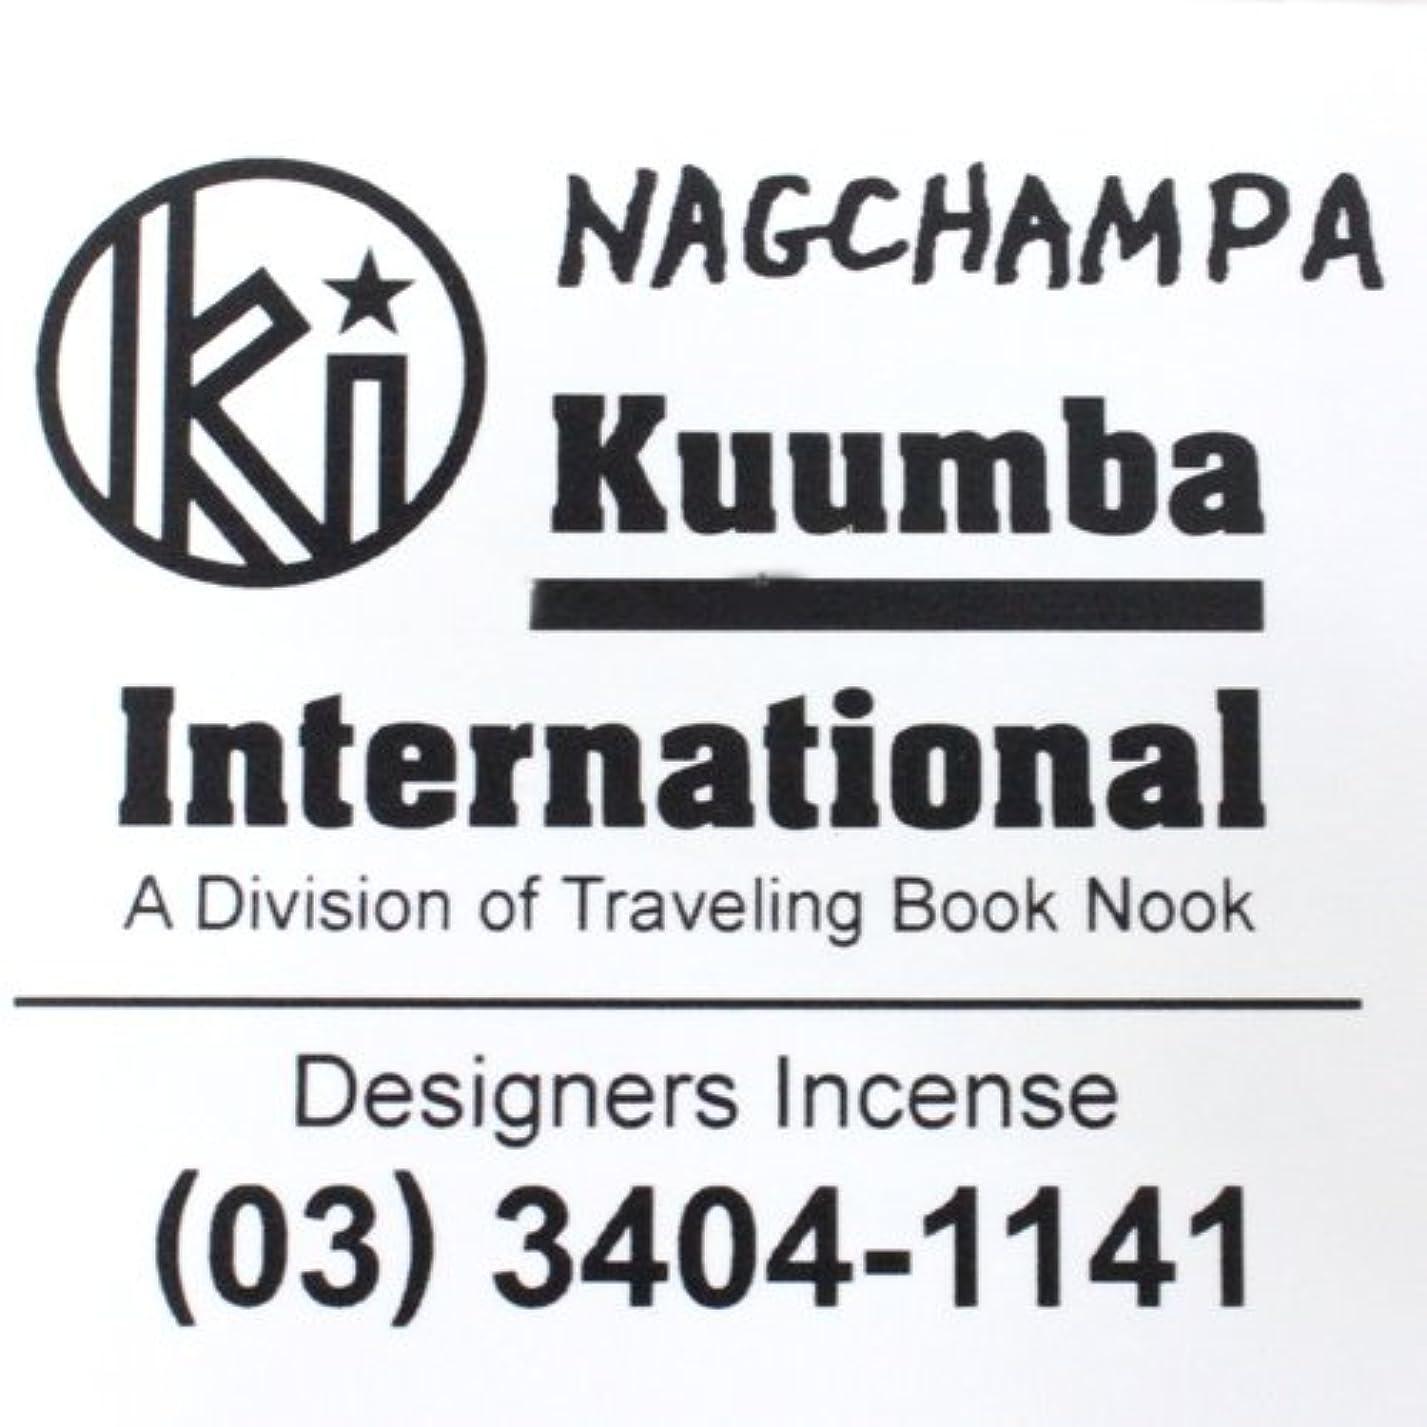 船酔い酸っぱい松の木KUUMBA (クンバ)『incense』(NAGCHAMPA) (Regular size)